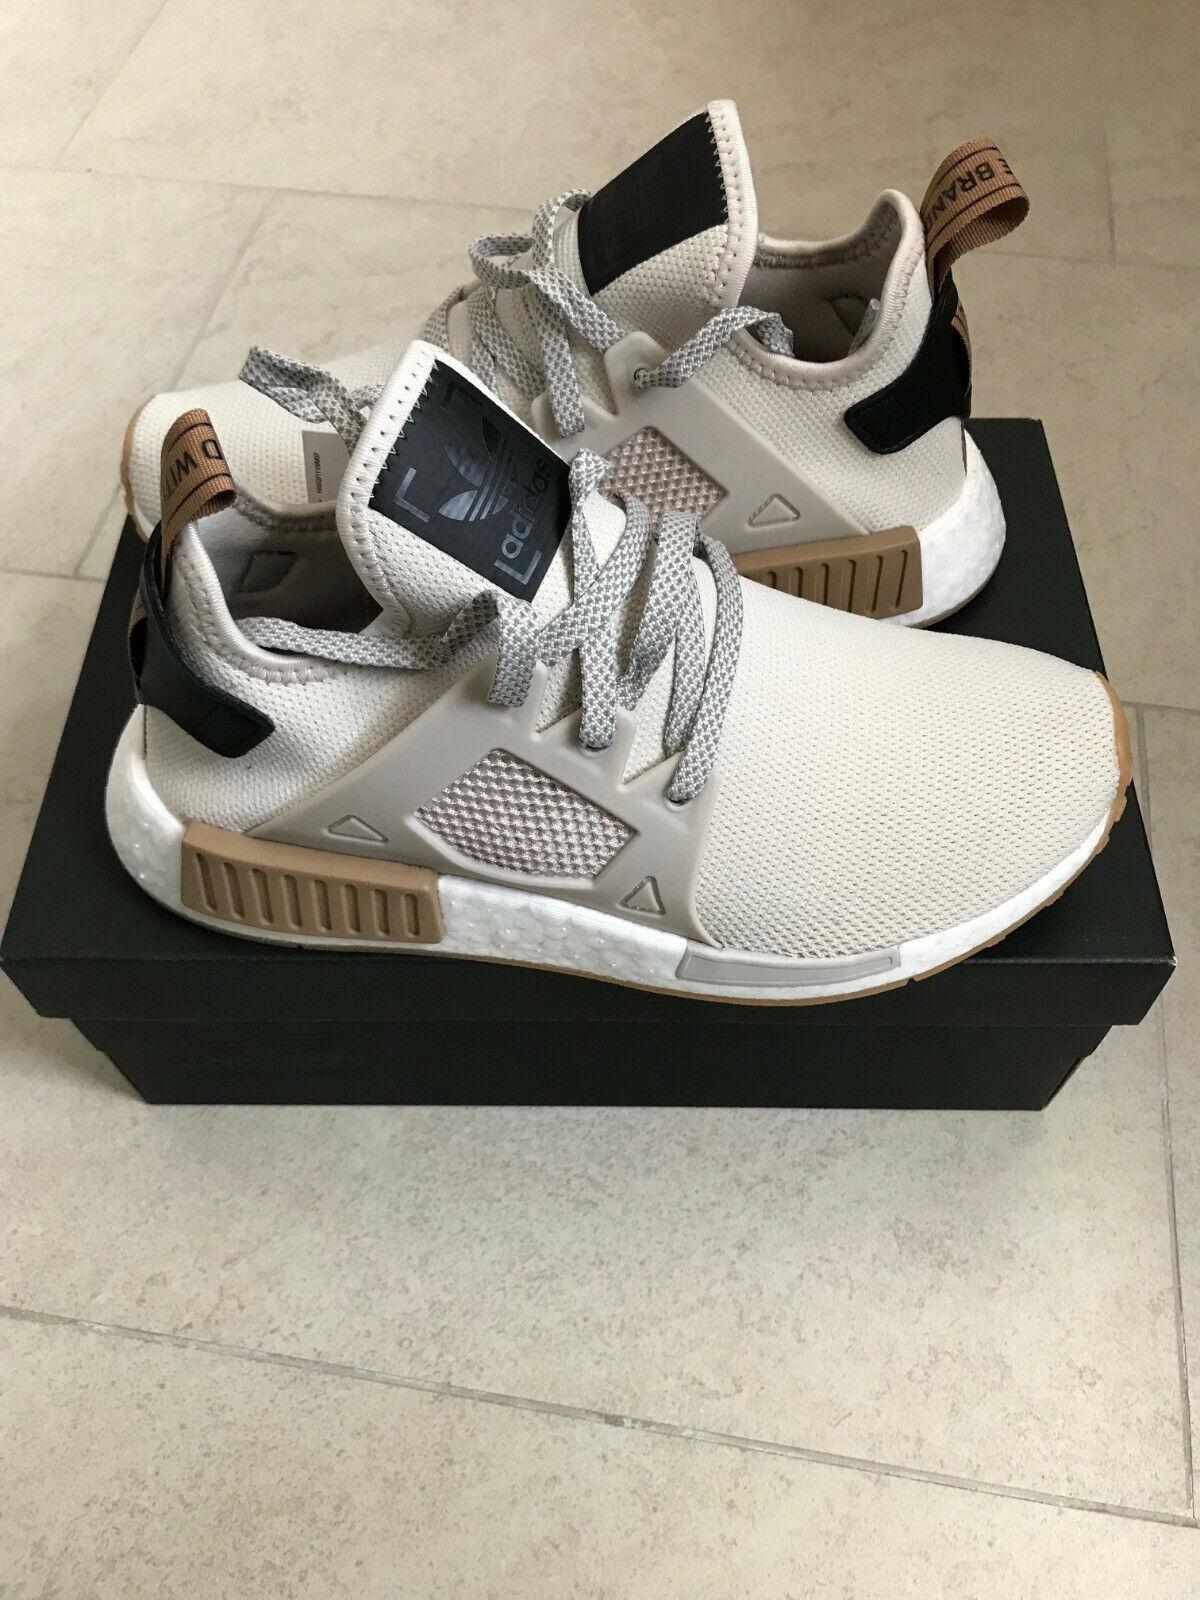 ADIDAS NMD R1 PK Boost BB7996 Sneaker Sport Freizeitschuhe Schuhe Gr. 37 45